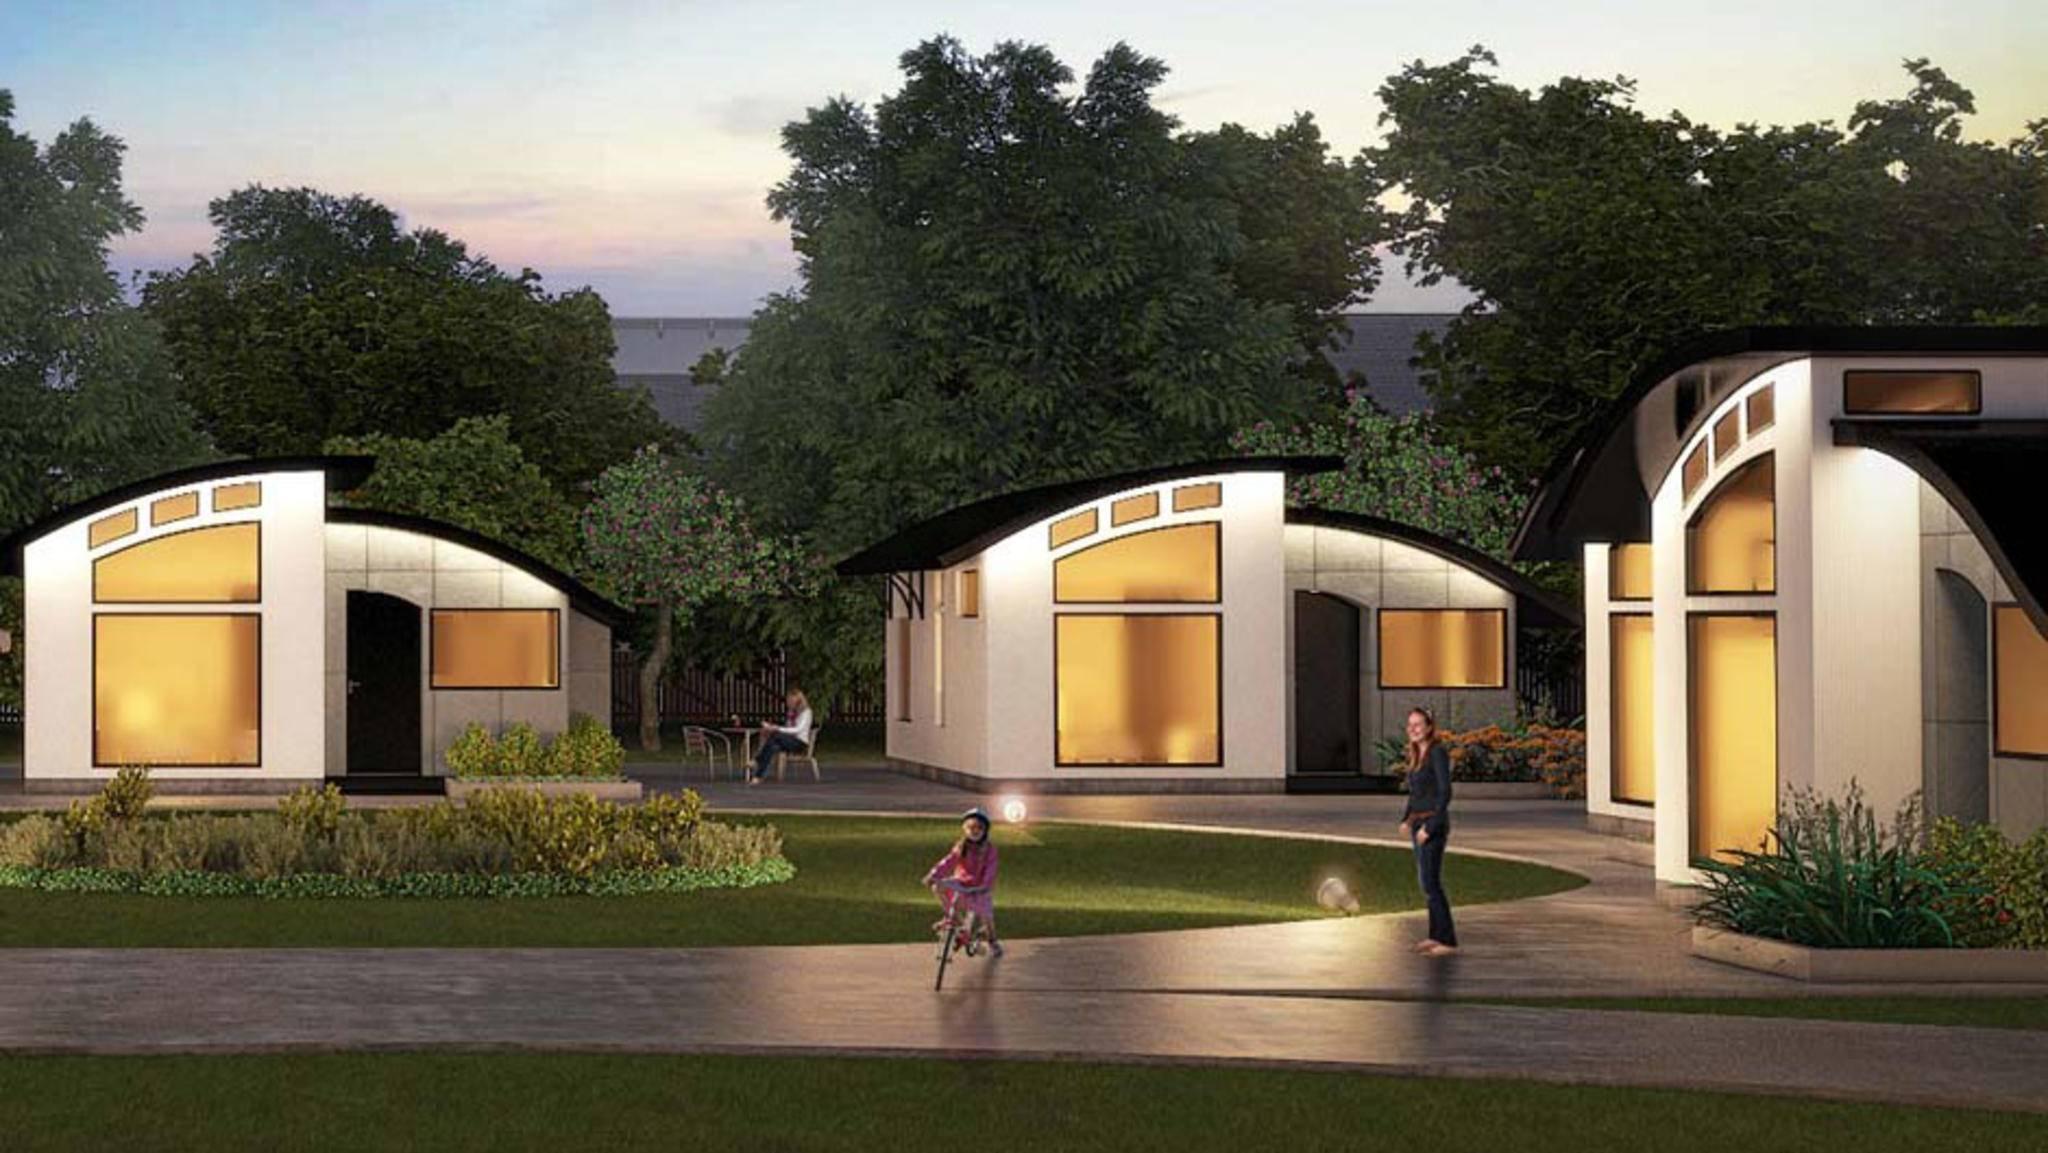 Das Flex House vereint schönes Design, nachhaltiges Leben und vernetzte Smart-Home-Technik.